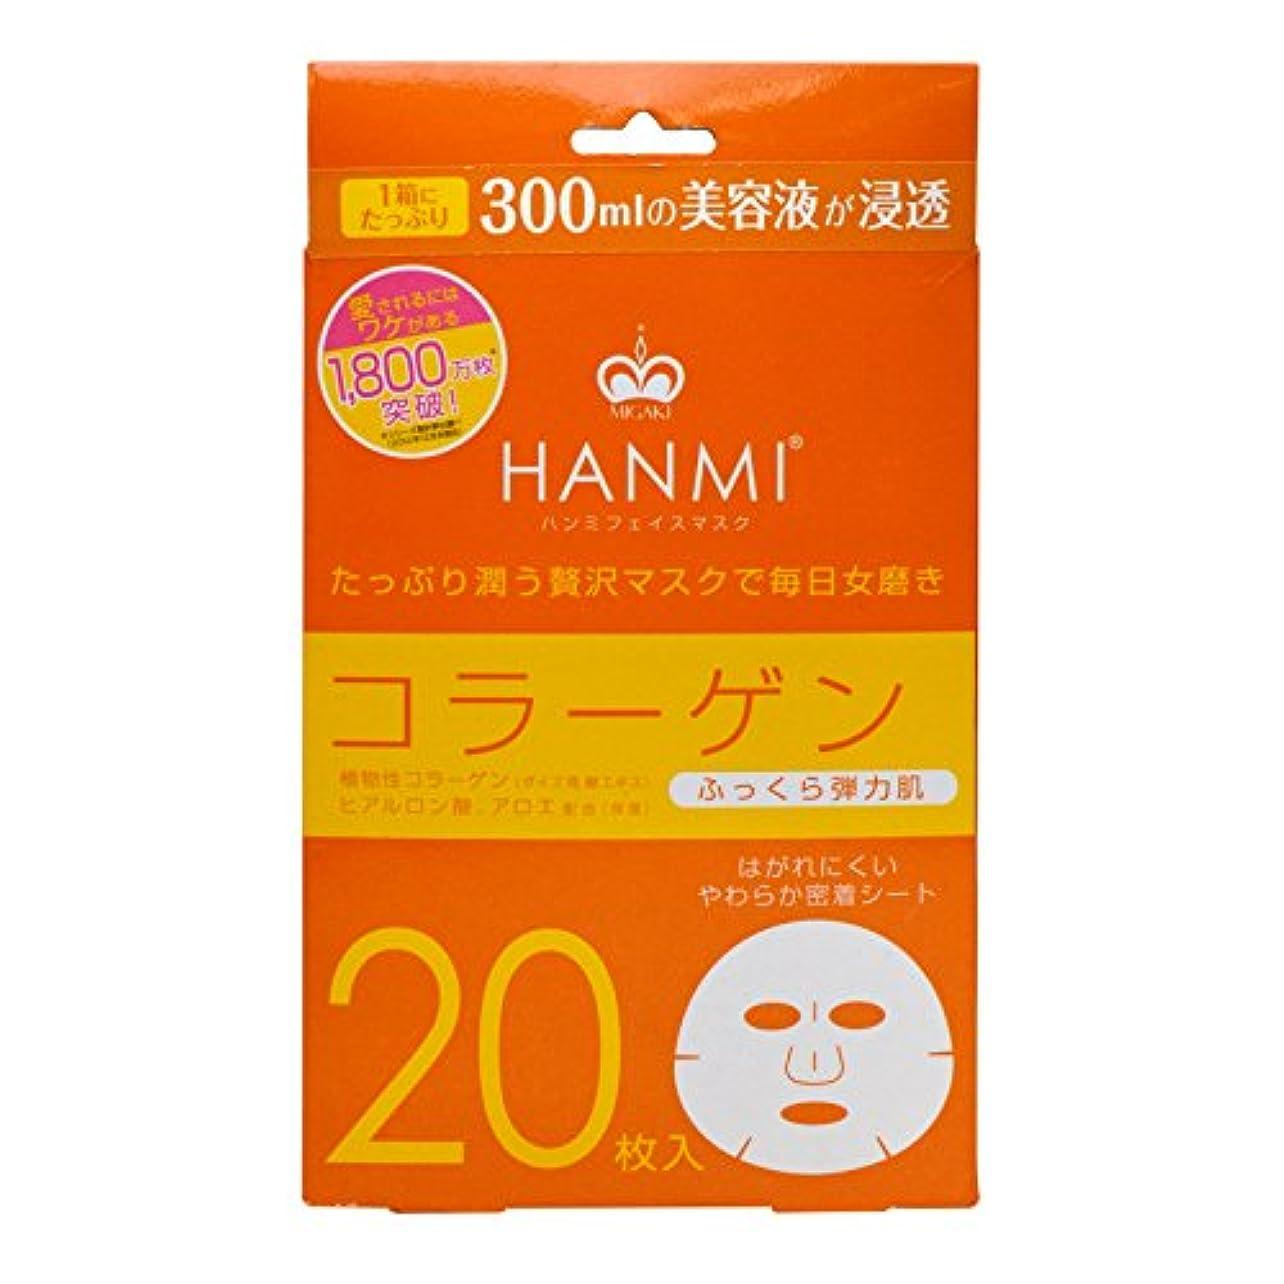 銅警察頼るMIGAKI ハンミフェイスマスク コラーゲン 20枚入り